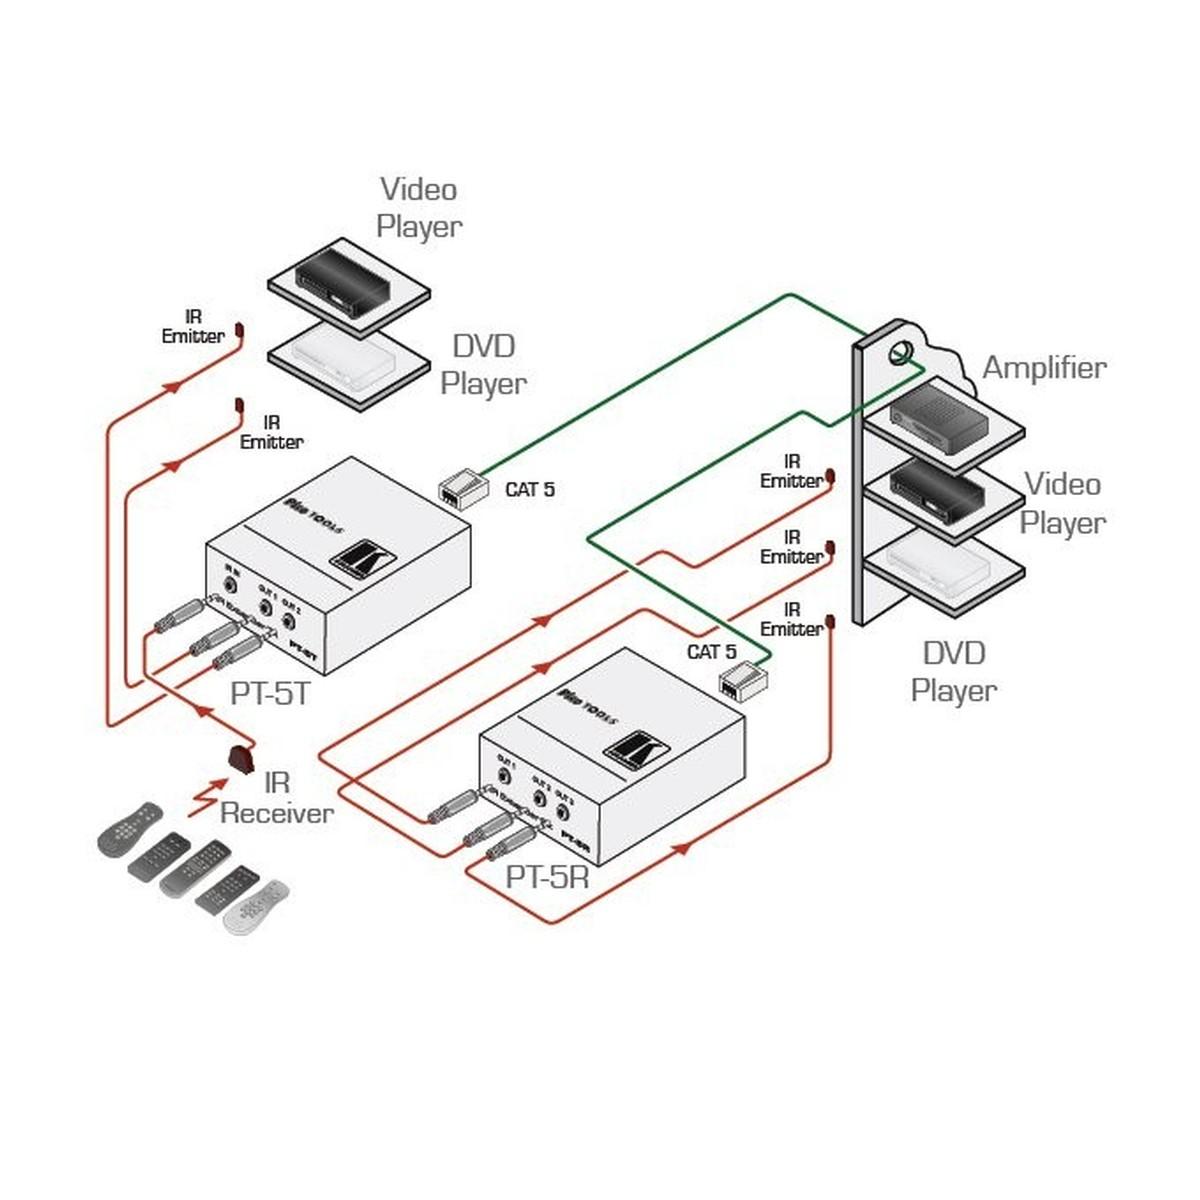 kramer pt-5r  t 30-000490 ir transmitter and receiver kit - 820 u0026 39